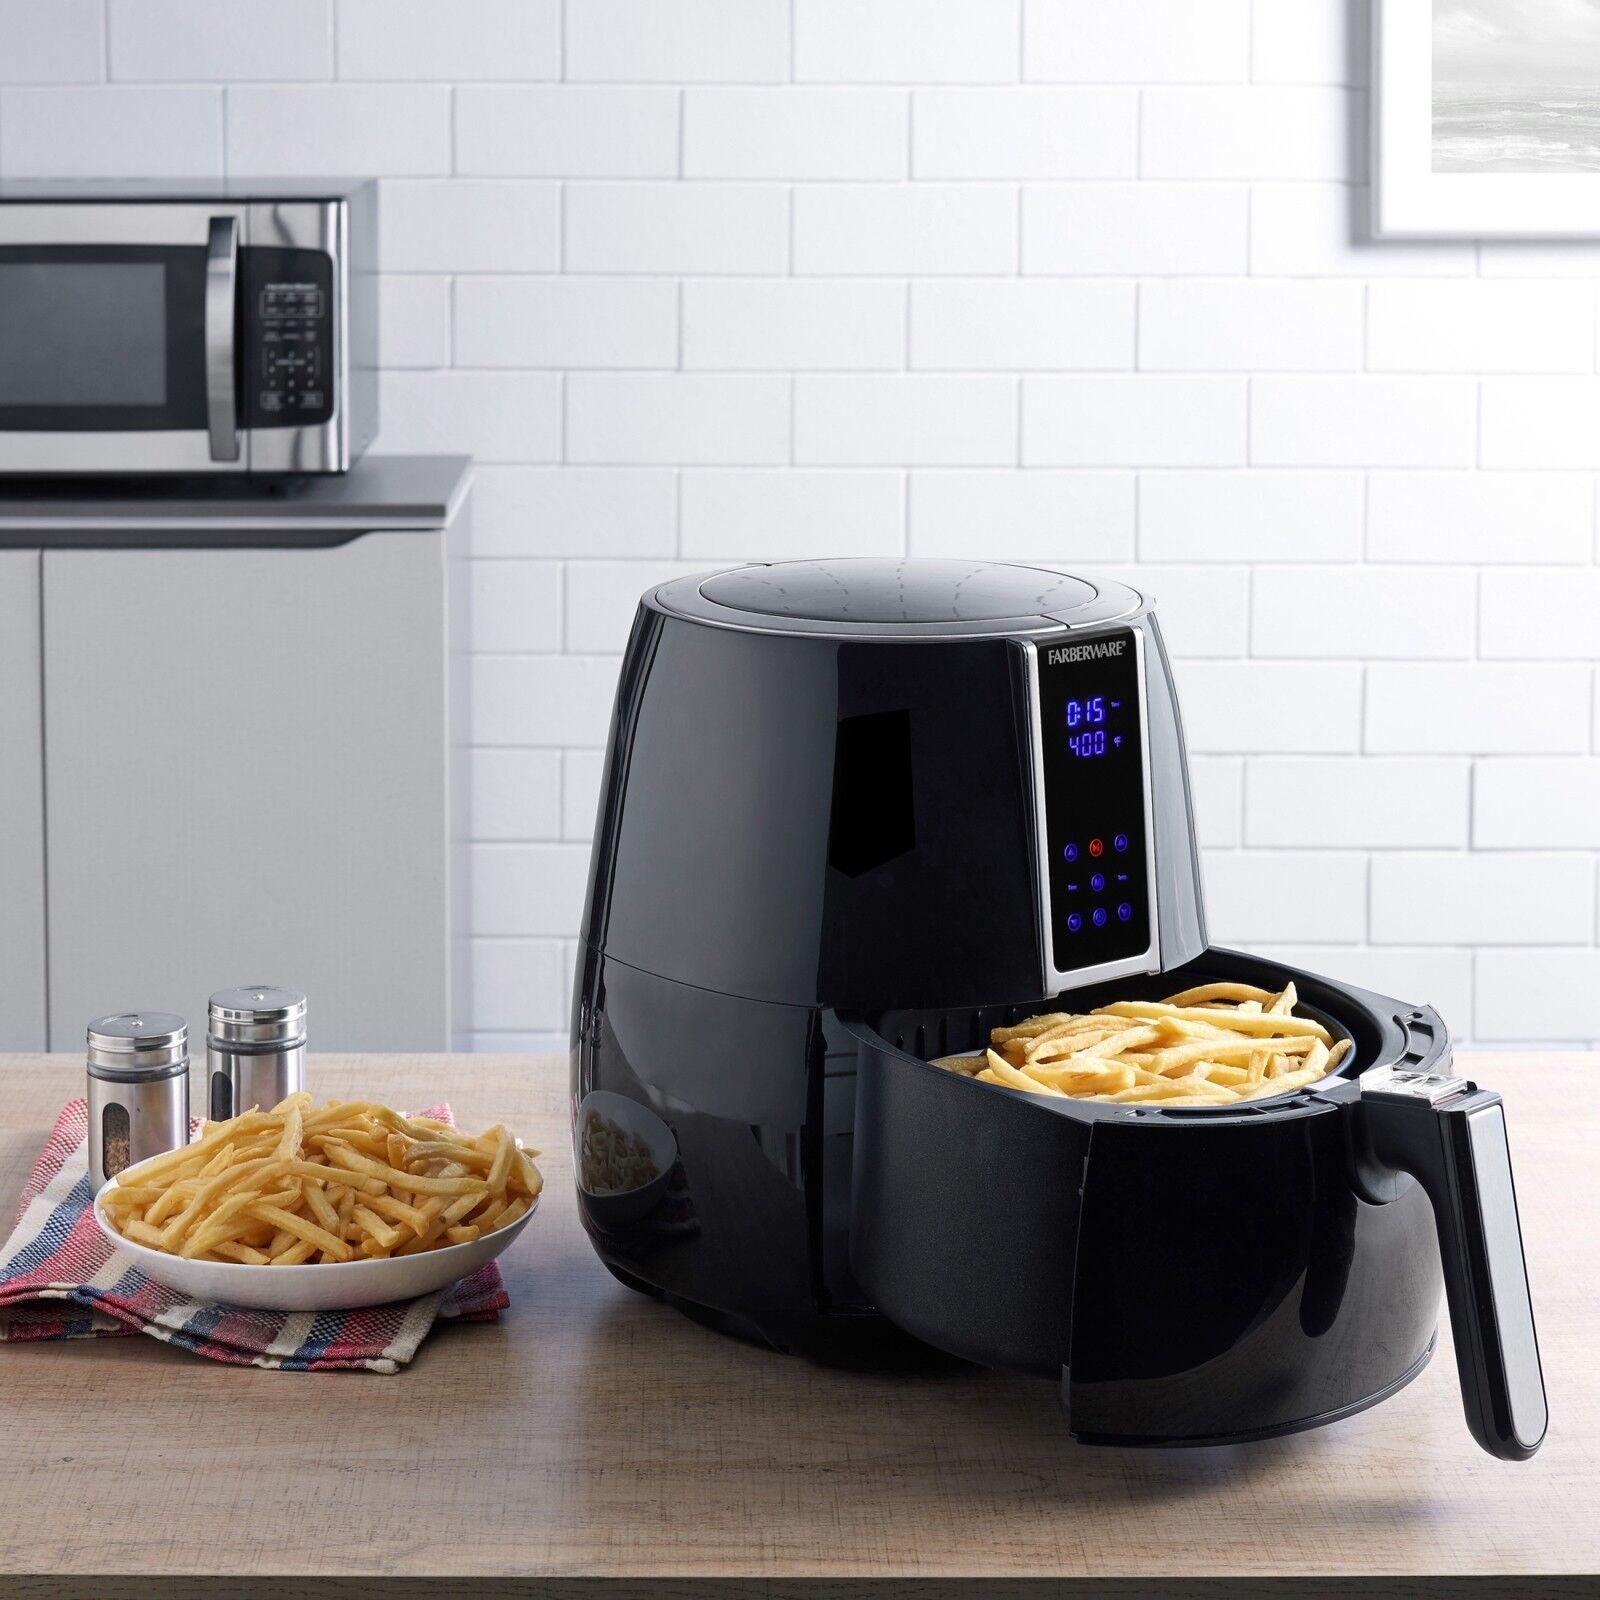 Huile moins Air Friteuse Digital 3.2 - Quart de pétrole moins cuisiniers rapide sain avec livre de recettes